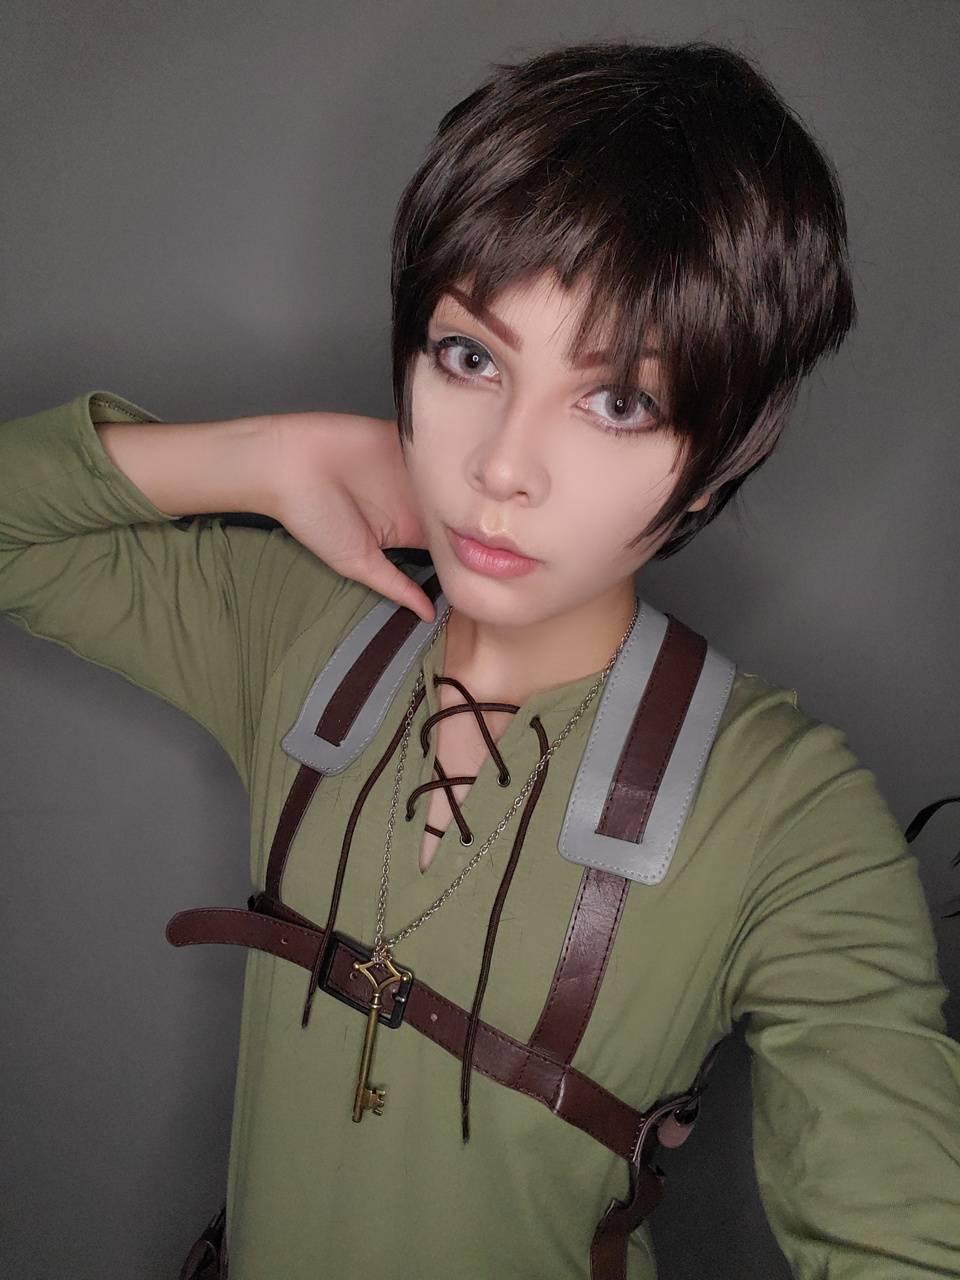 Eren Jaeger cosplay